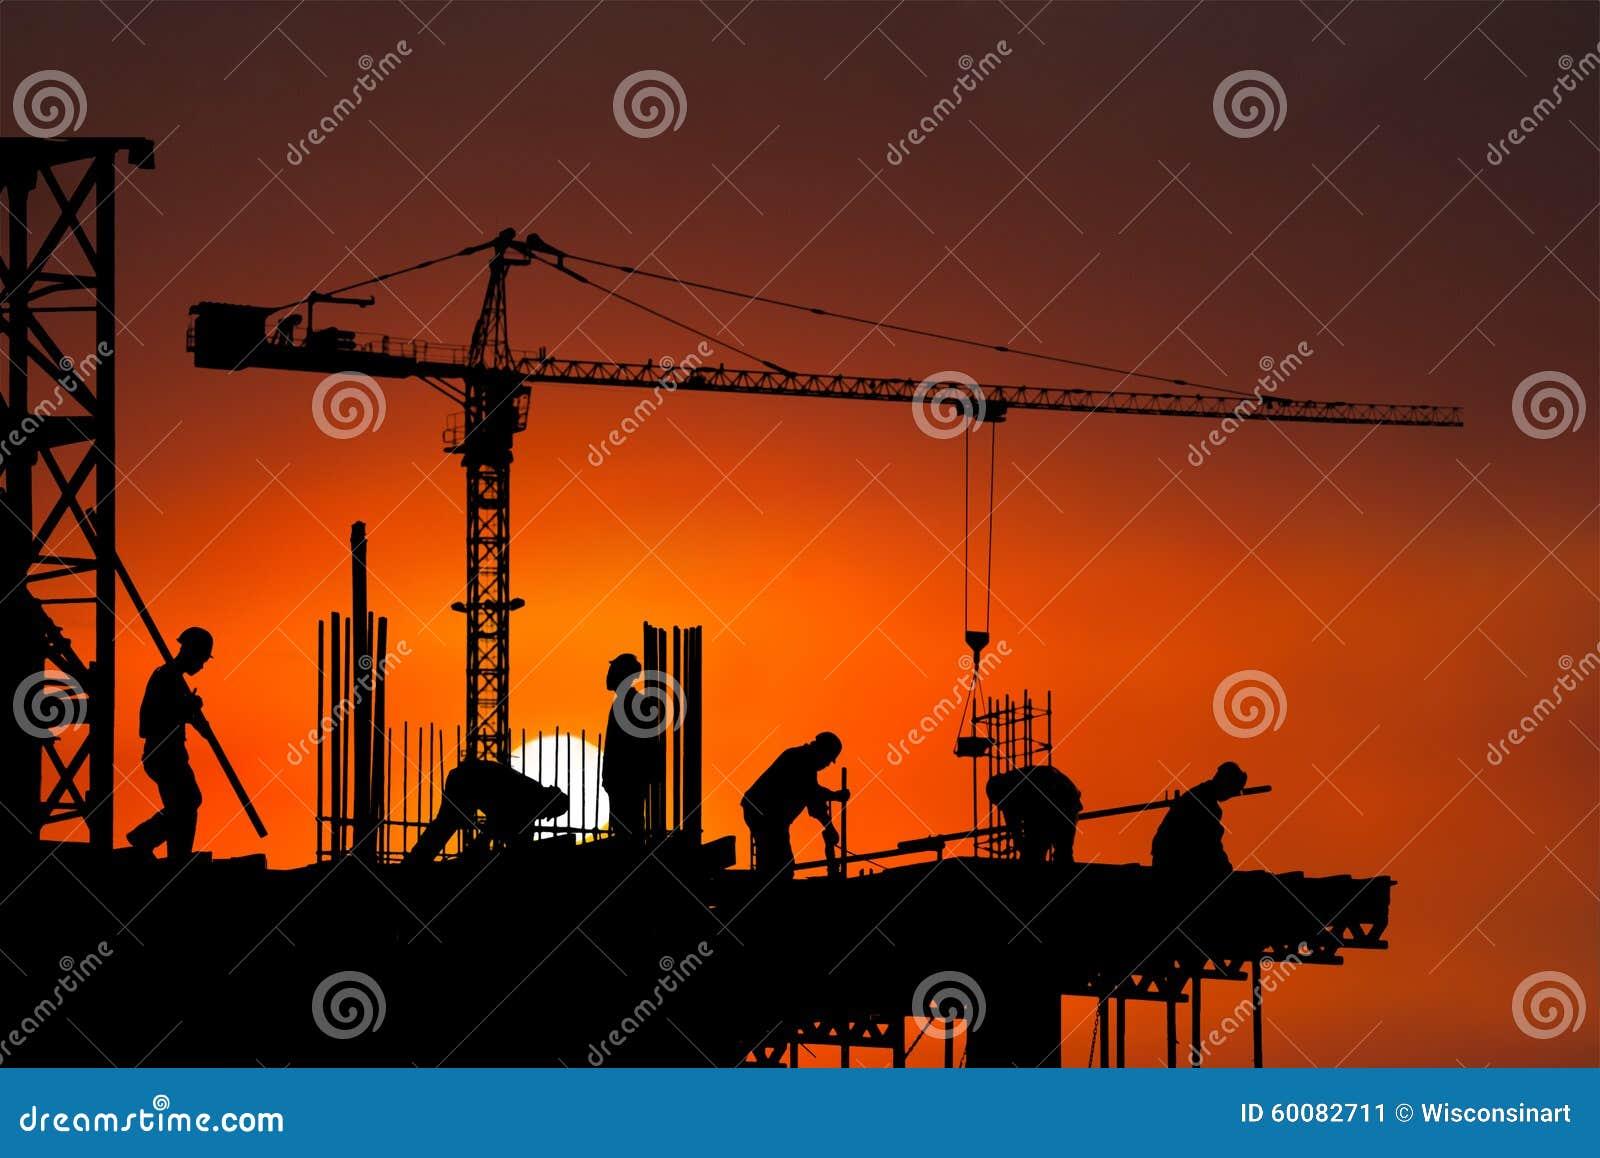 Cantiere, lavoratore, lavoratori, fondo